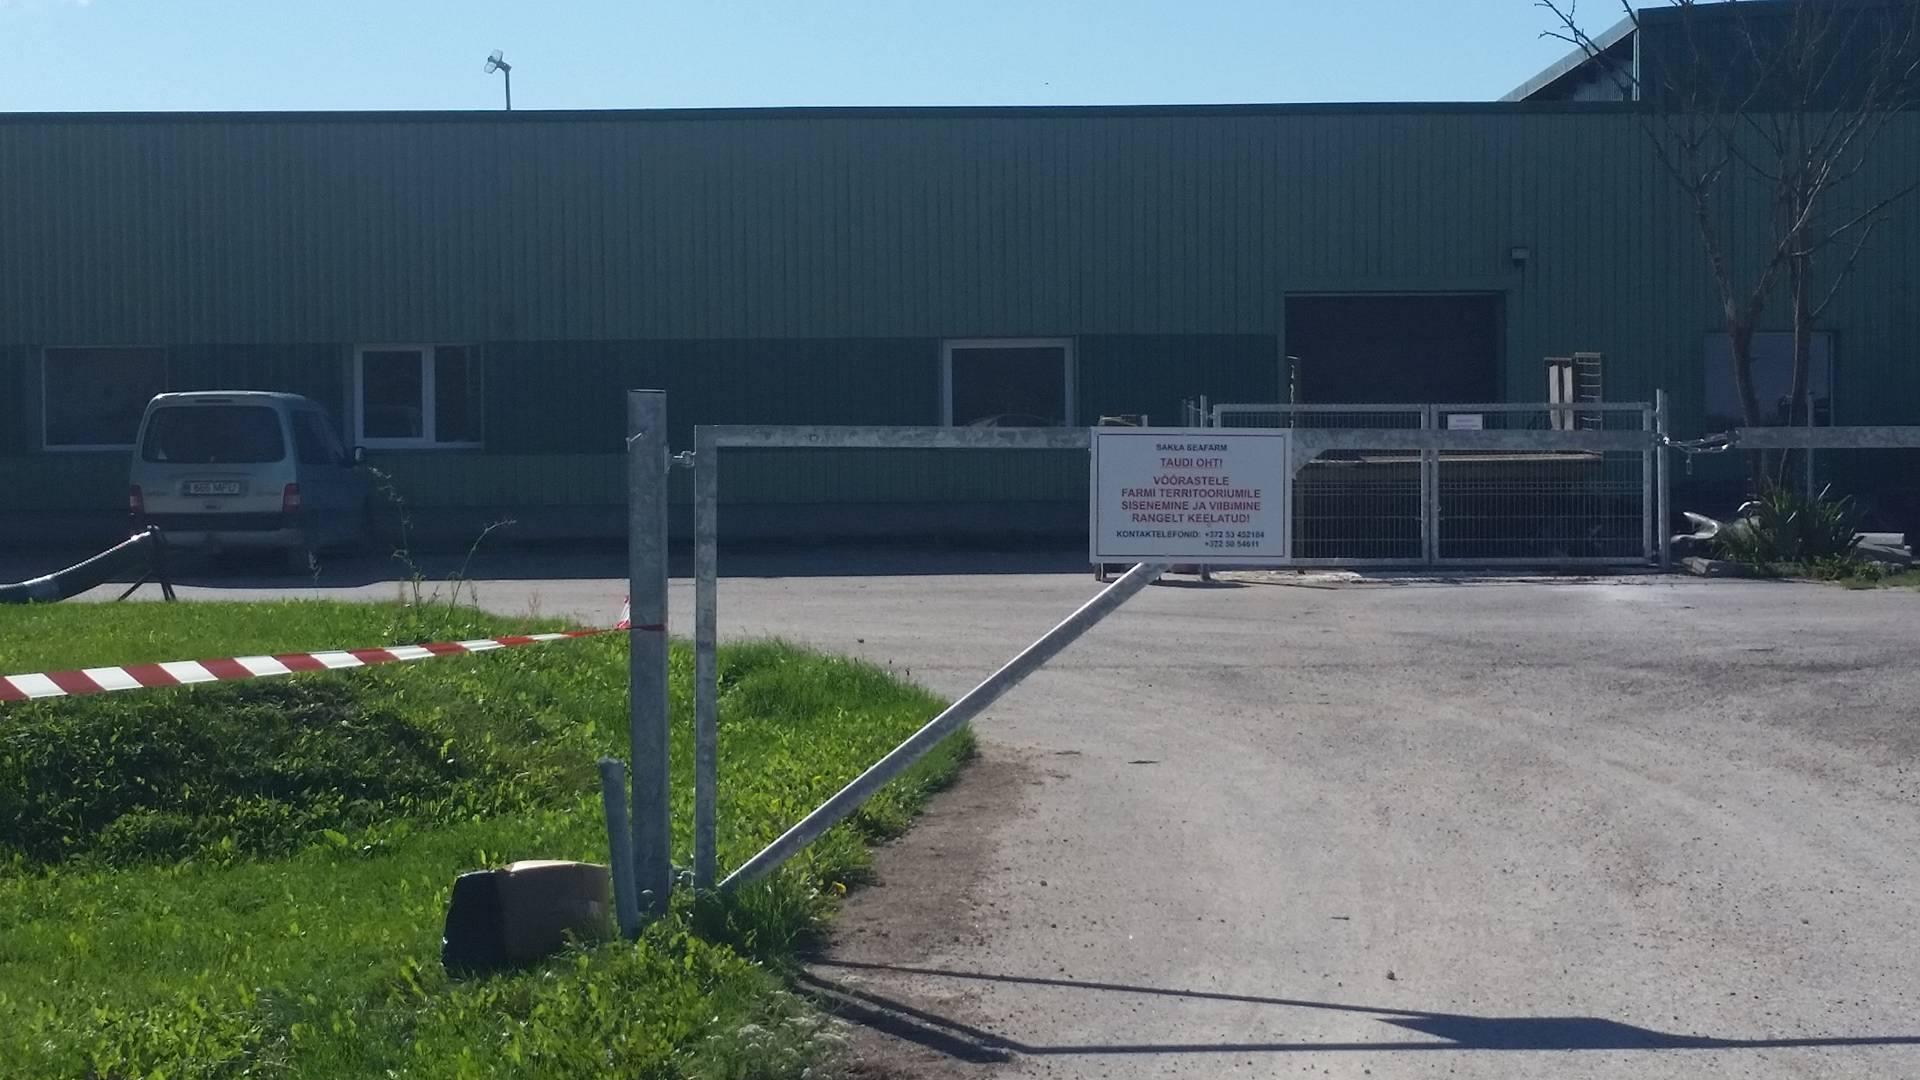 Veterinaar- ja toiduamet (VTA) rahuldas Saaremaal seakatkuga nakatunud farmi omaniku esitatud taotluse sigade Aafrika katku tõttu tekkinud kahjude hüvitamiseks summas 226167 eurot. Hüvitamise otsusel võeti aluseks VTA ametnike kontrollide käigus […]